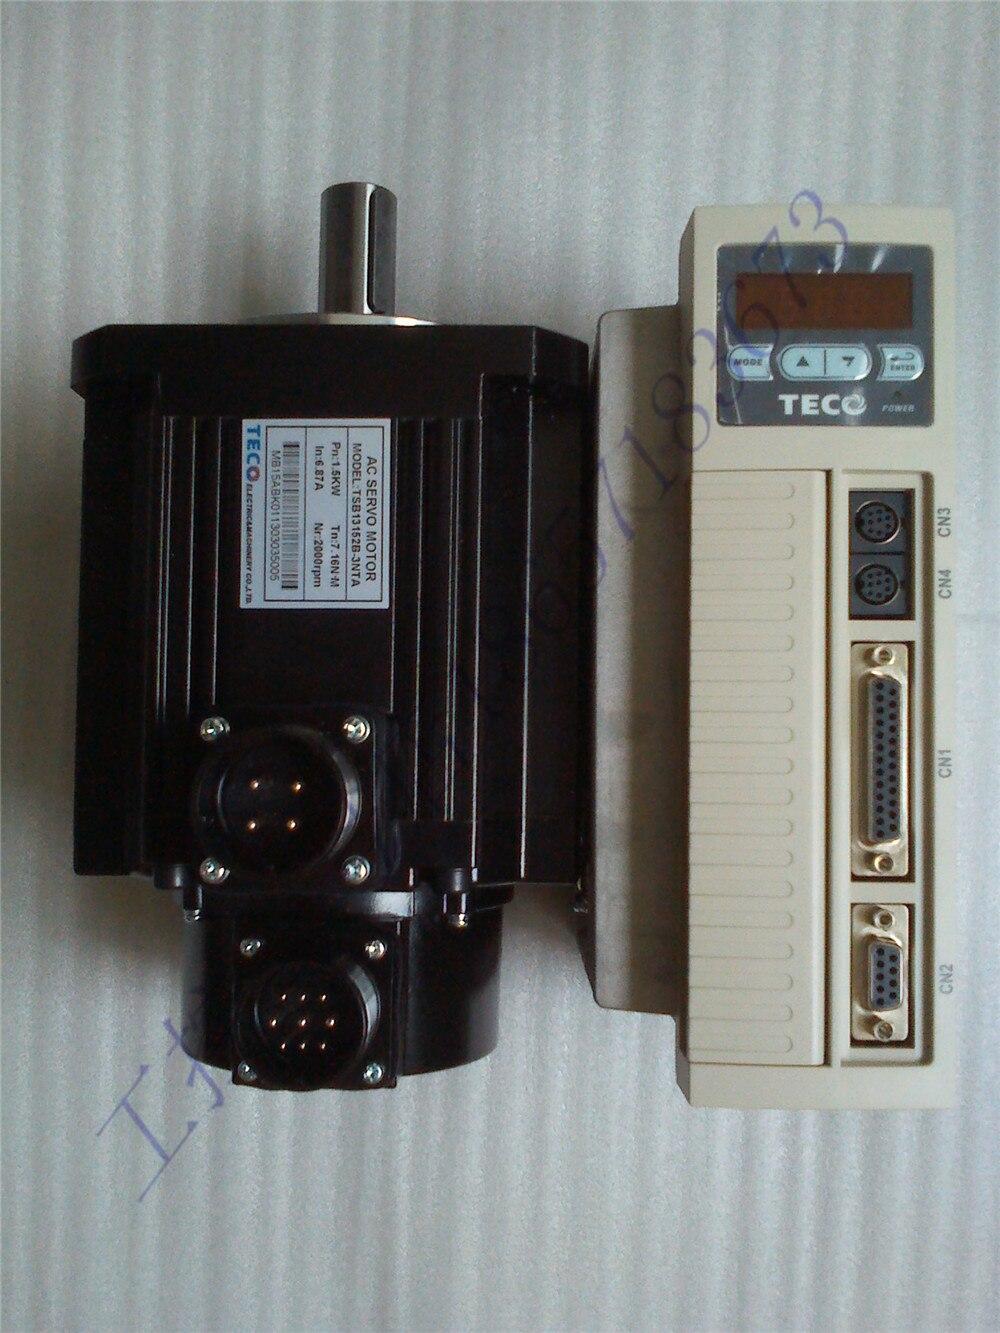 Nuevo original TECO cnc Kit de motor servo 2kw TSB13202B-3NTA + TSTEP50D